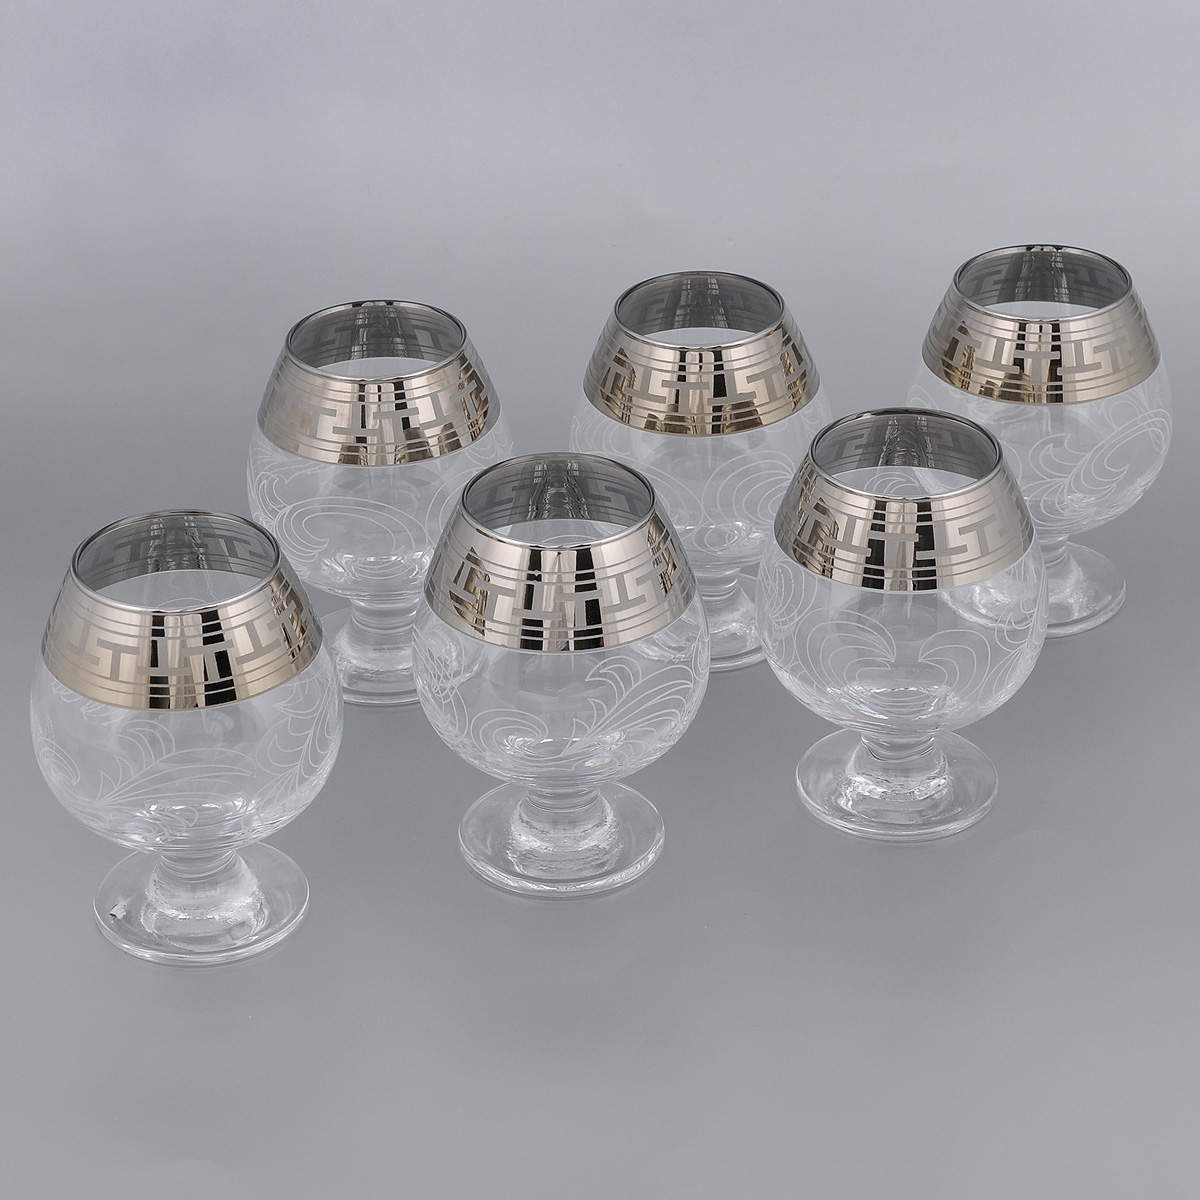 Набор бокалов для бренди Гусь-Хрустальный Греческий узор, 400 мл, 6 шт набор бокалов для бренди гусь хрустальный версаче 400 мл 6 шт